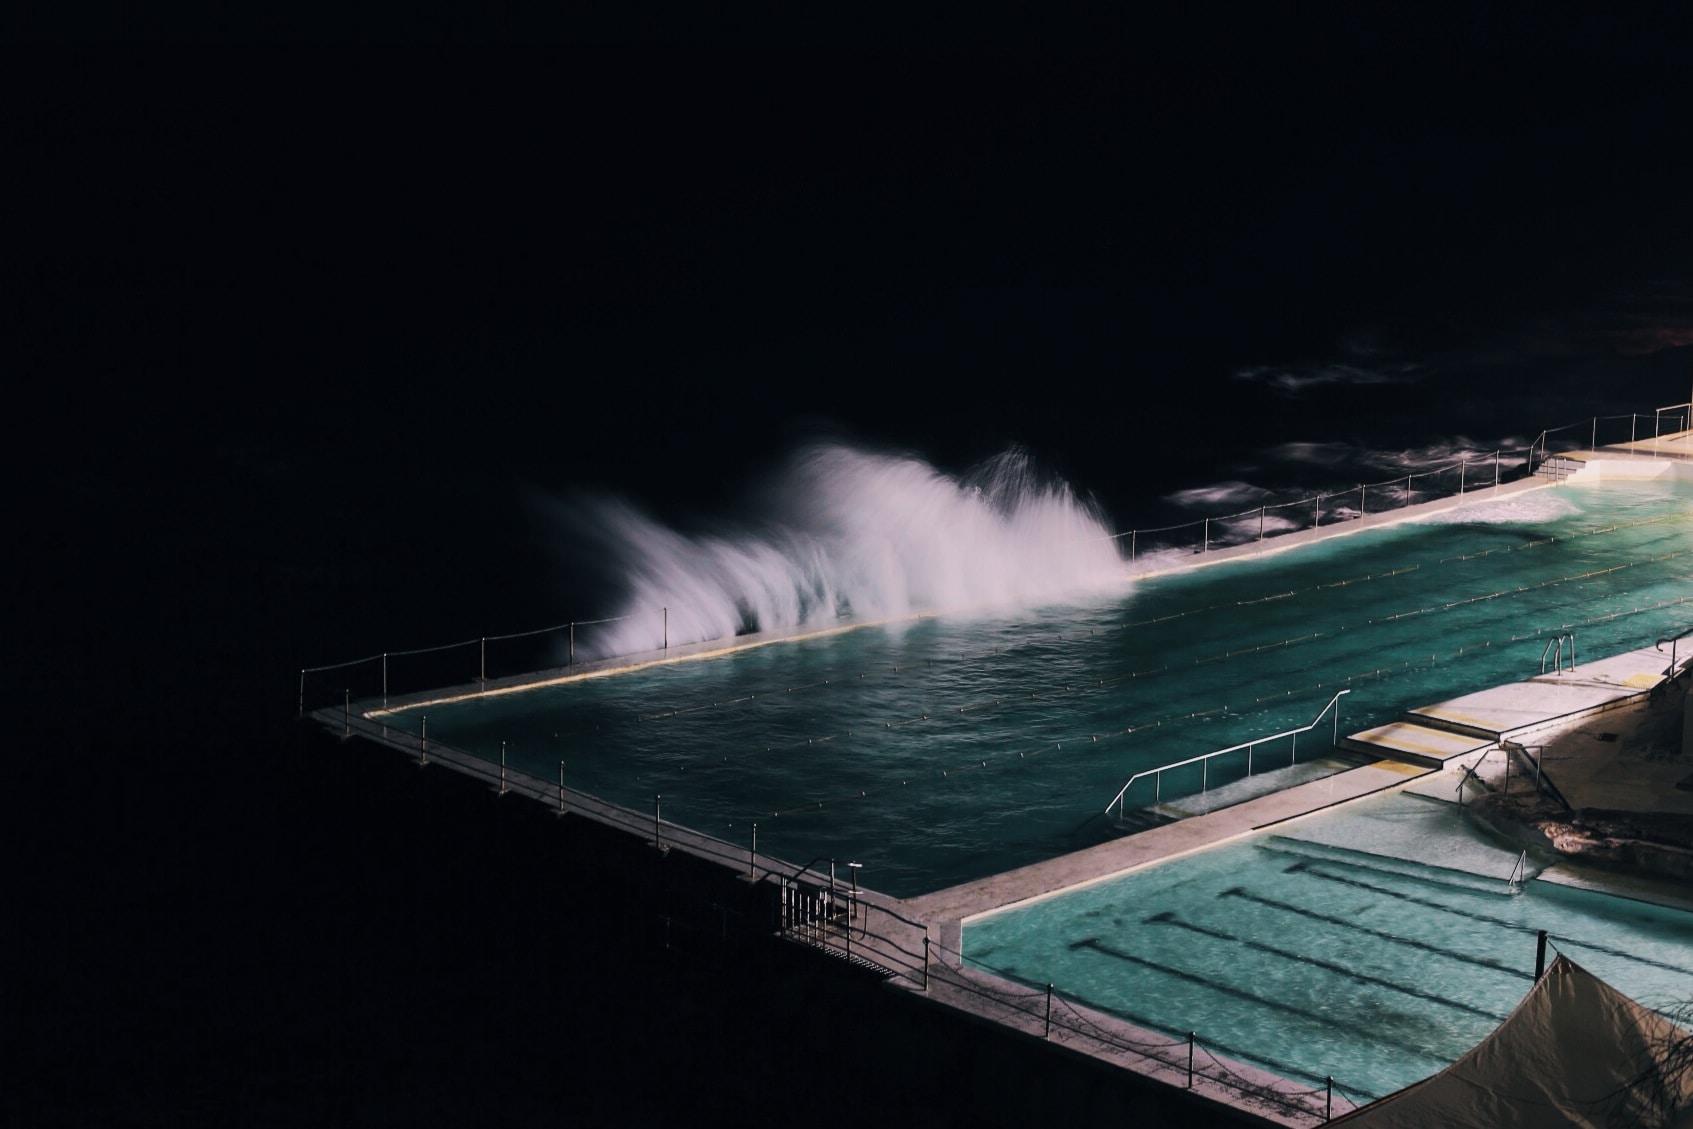 rectangular blue swimming pool during night time